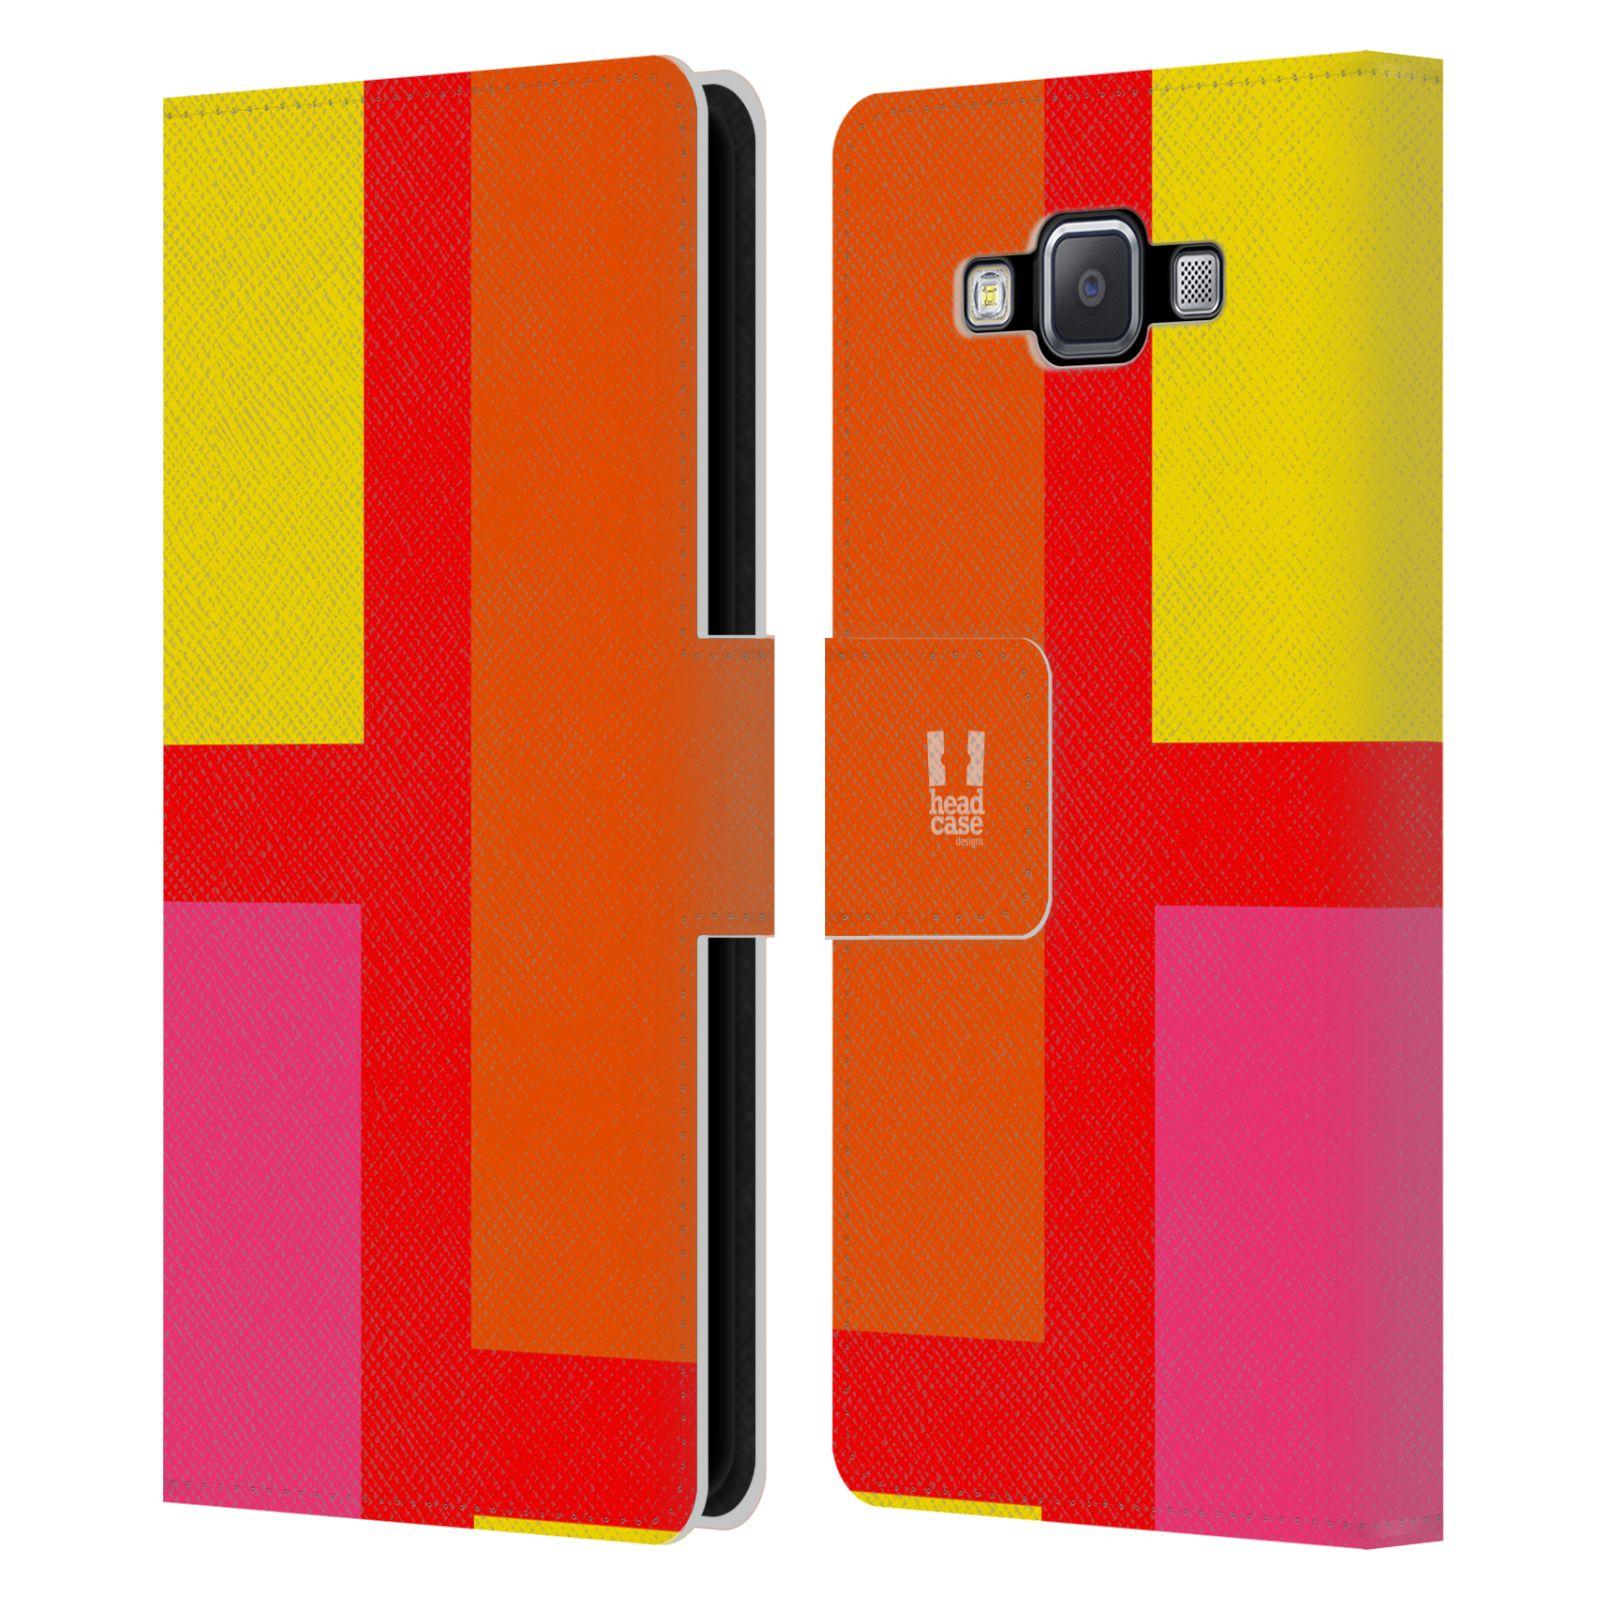 HEAD CASE Flipové pouzdro pro mobil Samsung Galaxy A5 barevné tvary oranžová ulice